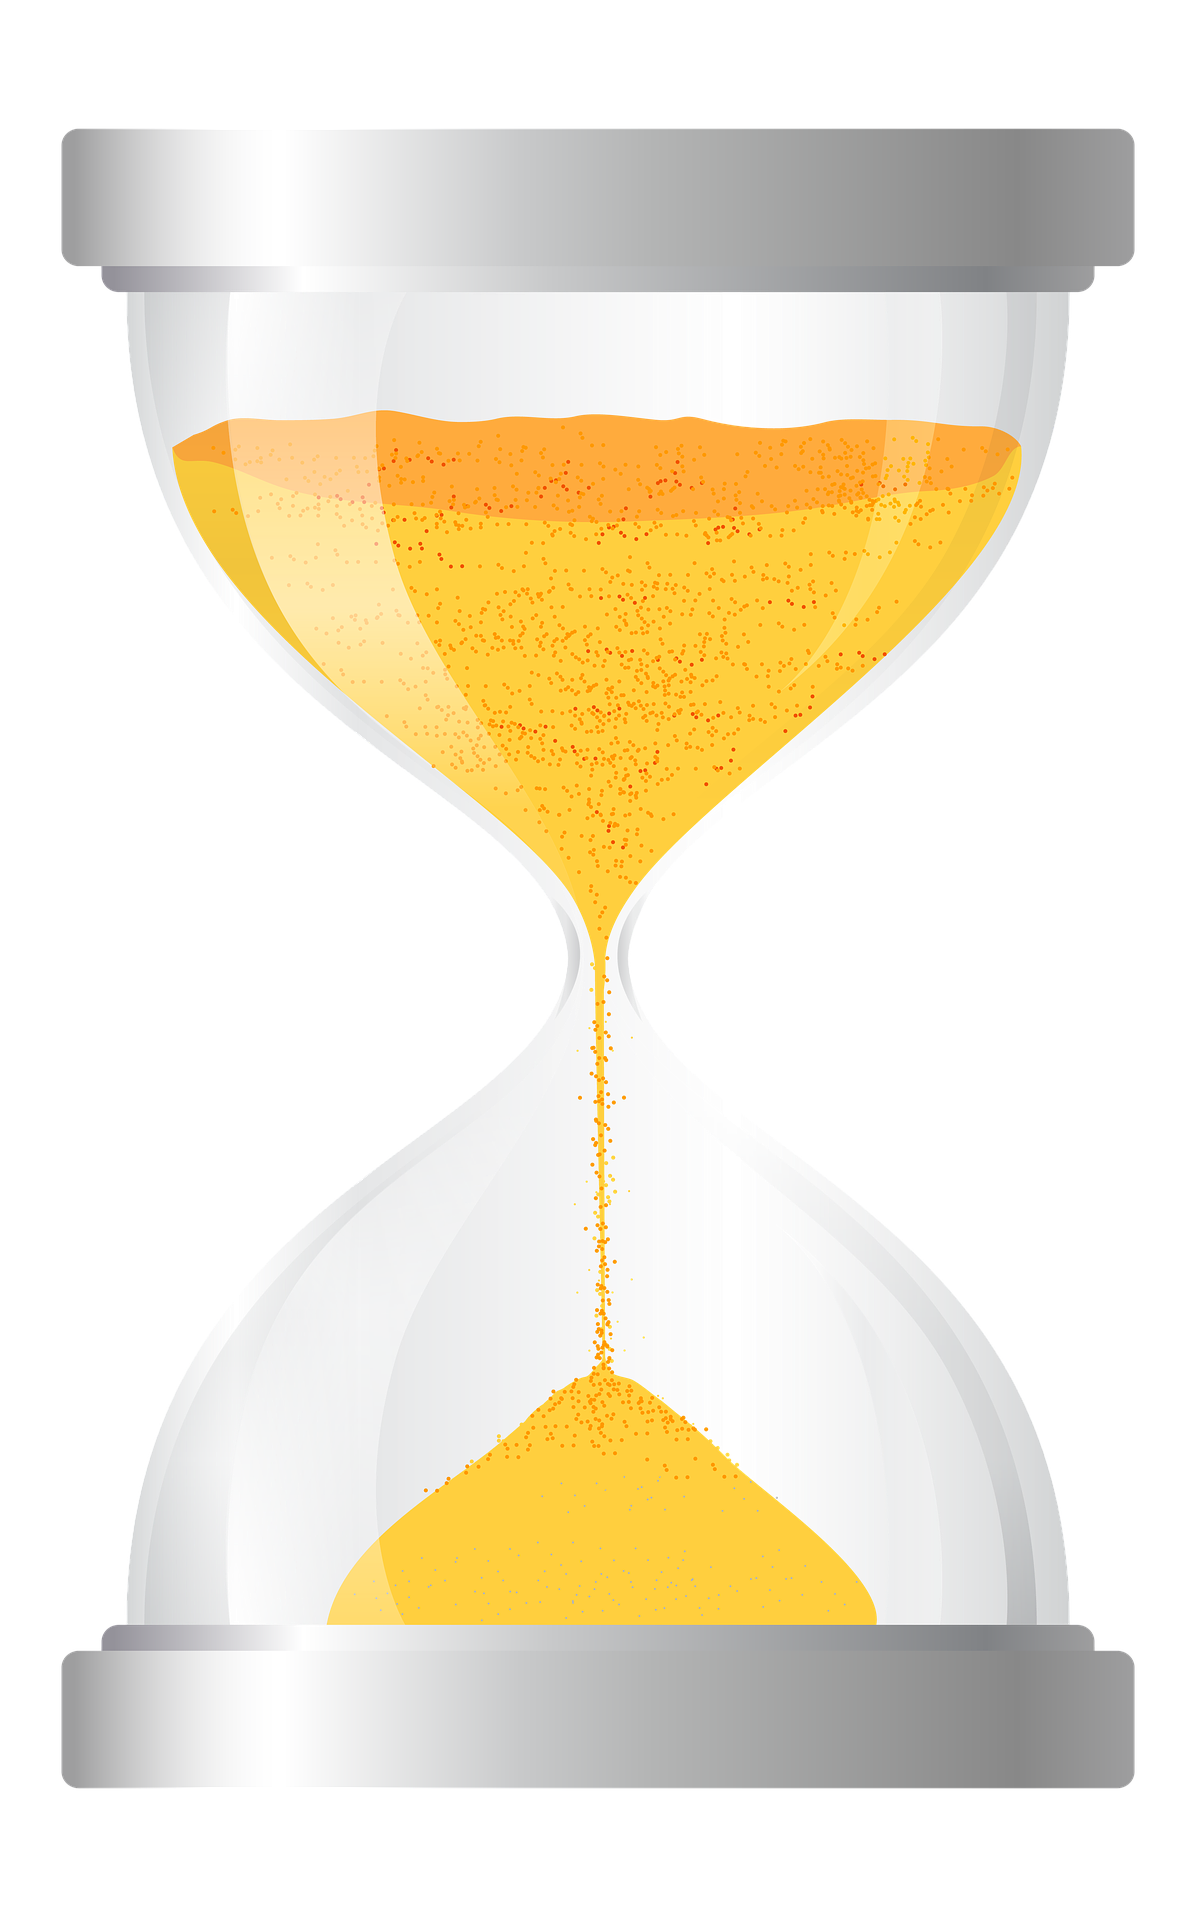 minuteur clcv pixabay